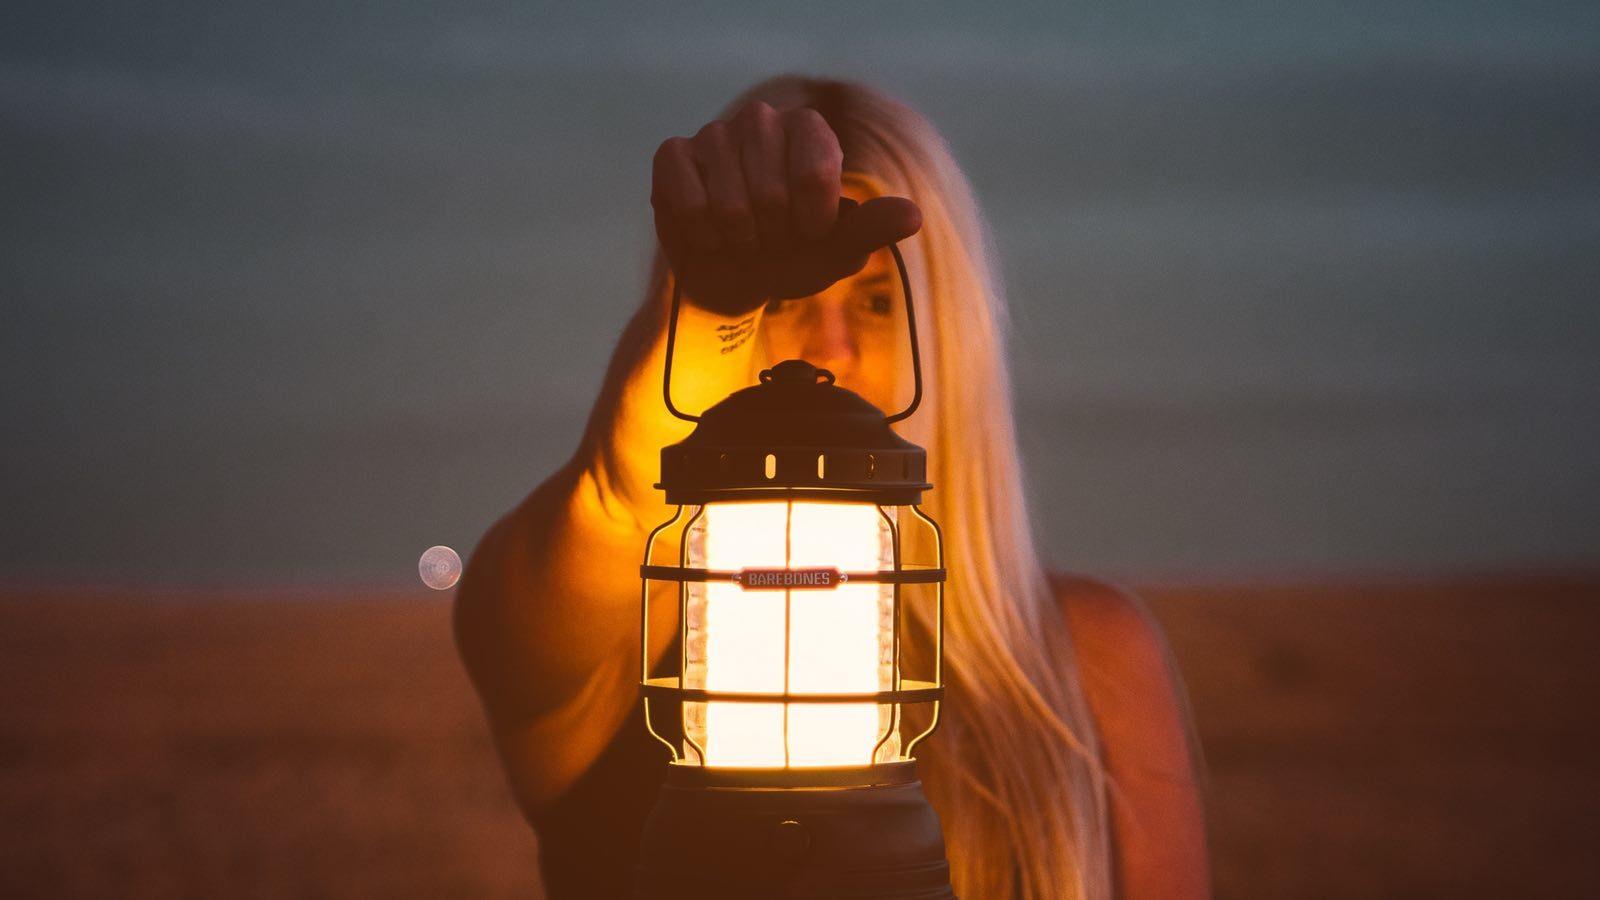 Full Size of Lampen Schlafzimmer 6 Tipps Schränke Sitzbank Deckenlampen Wohnzimmer Wandlampe Wiemann Kronleuchter Deckenlampe Truhe Lampe Designer Esstisch Für Wandtattoo Schlafzimmer Lampen Schlafzimmer